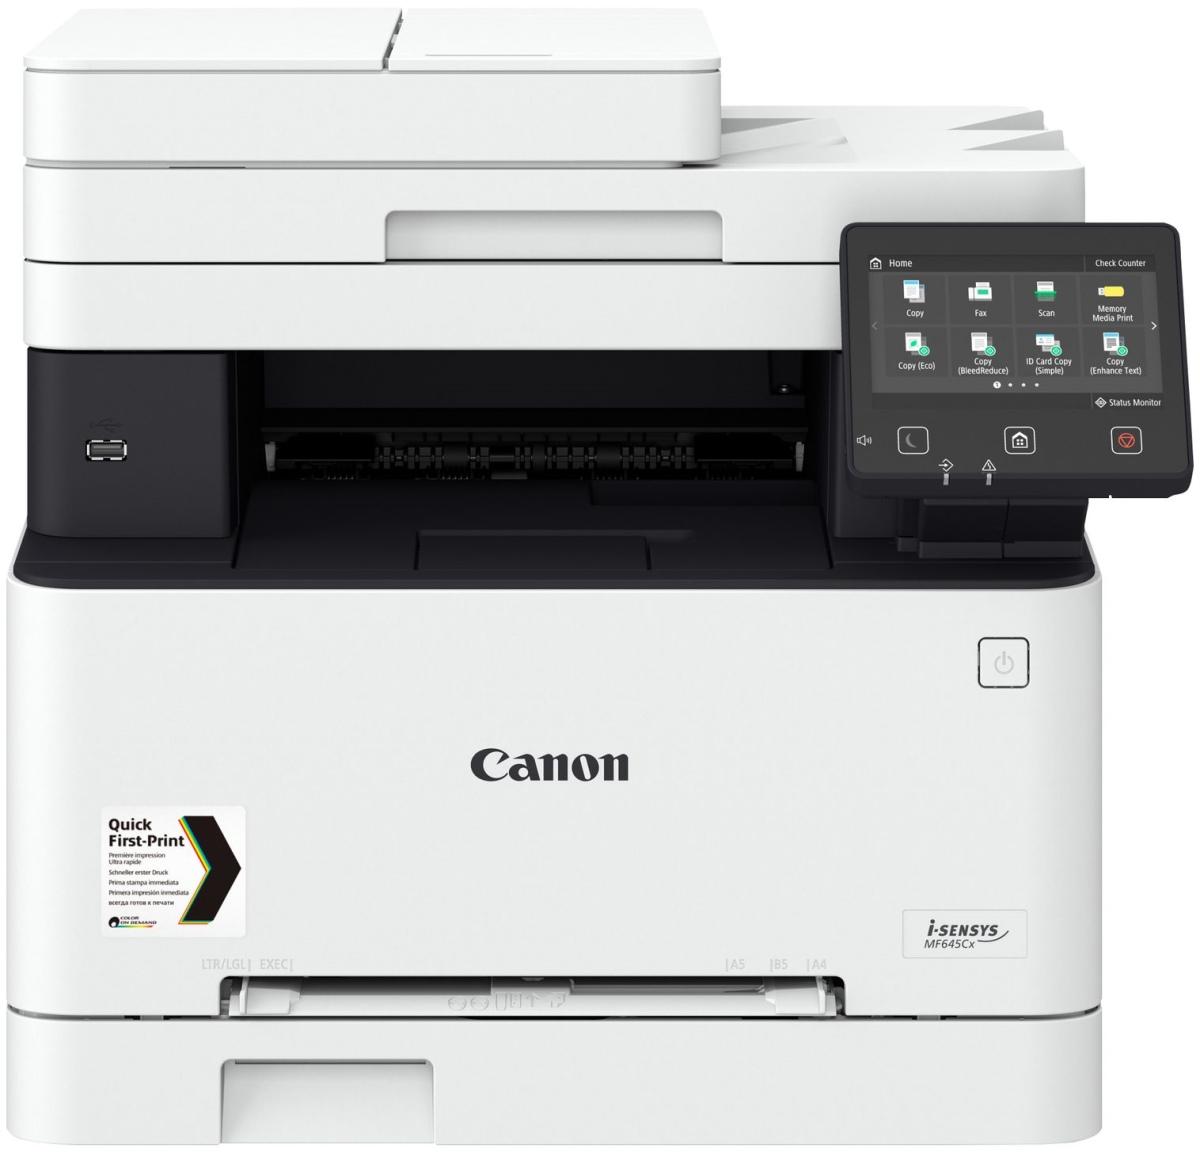 Лазерное МФУ Canon iSENSYS MF645Cx i-SENSYS MF645Cx